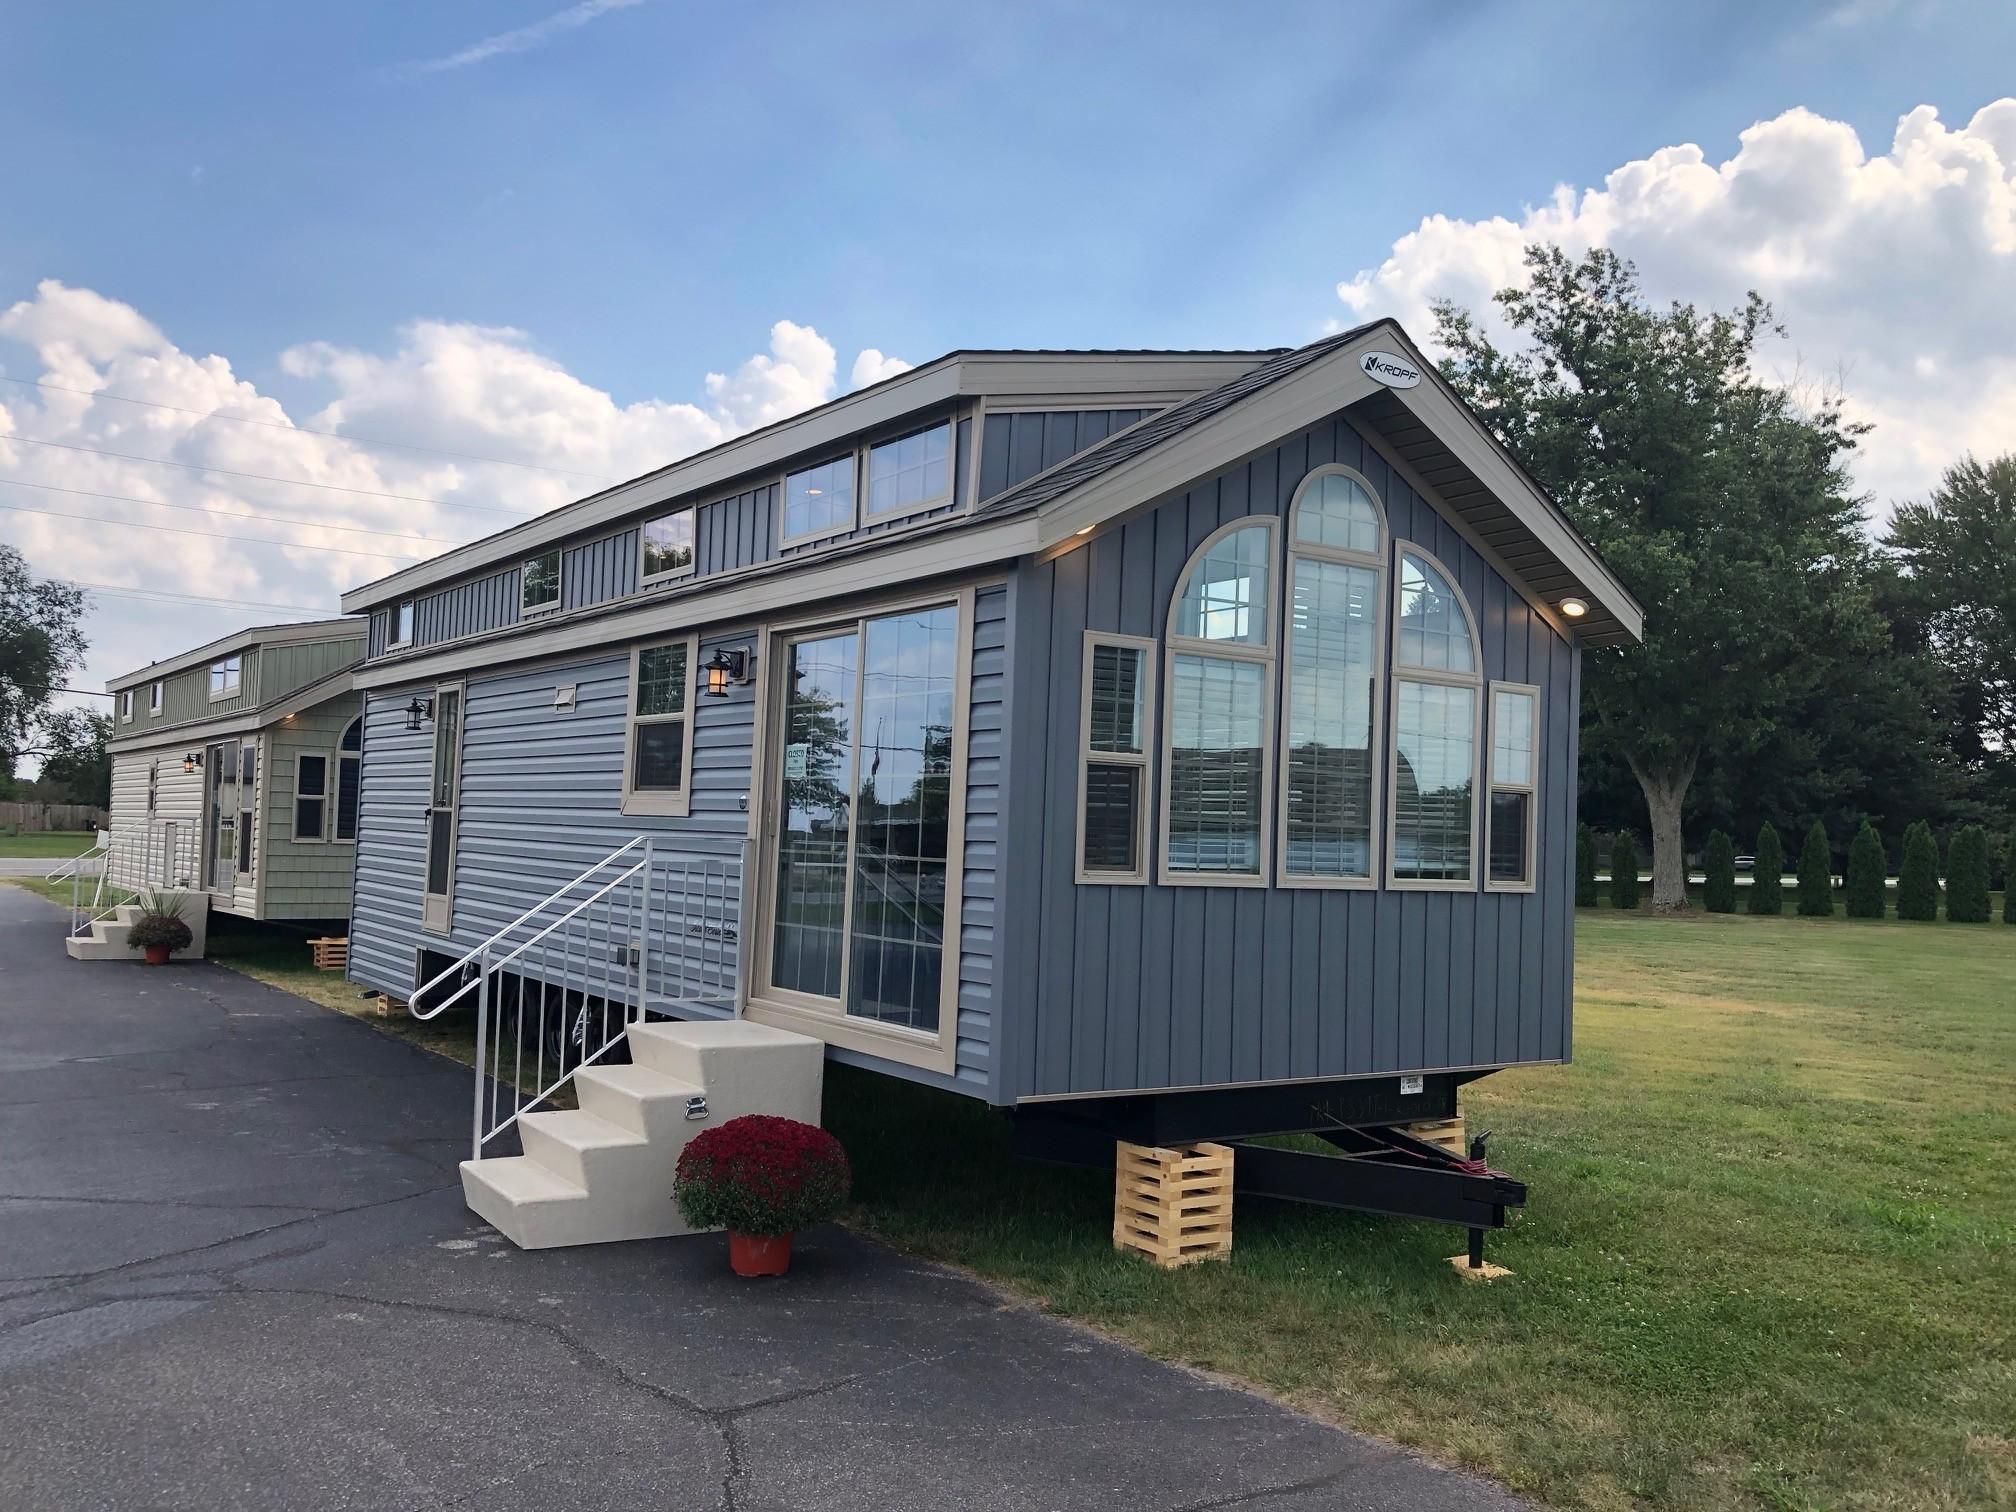 park models For Sale - RV Trader on mississippi state housing floor plans, 18' wide mobile home plans, shultz homes floor plans, redmond mobile homes floor plans,